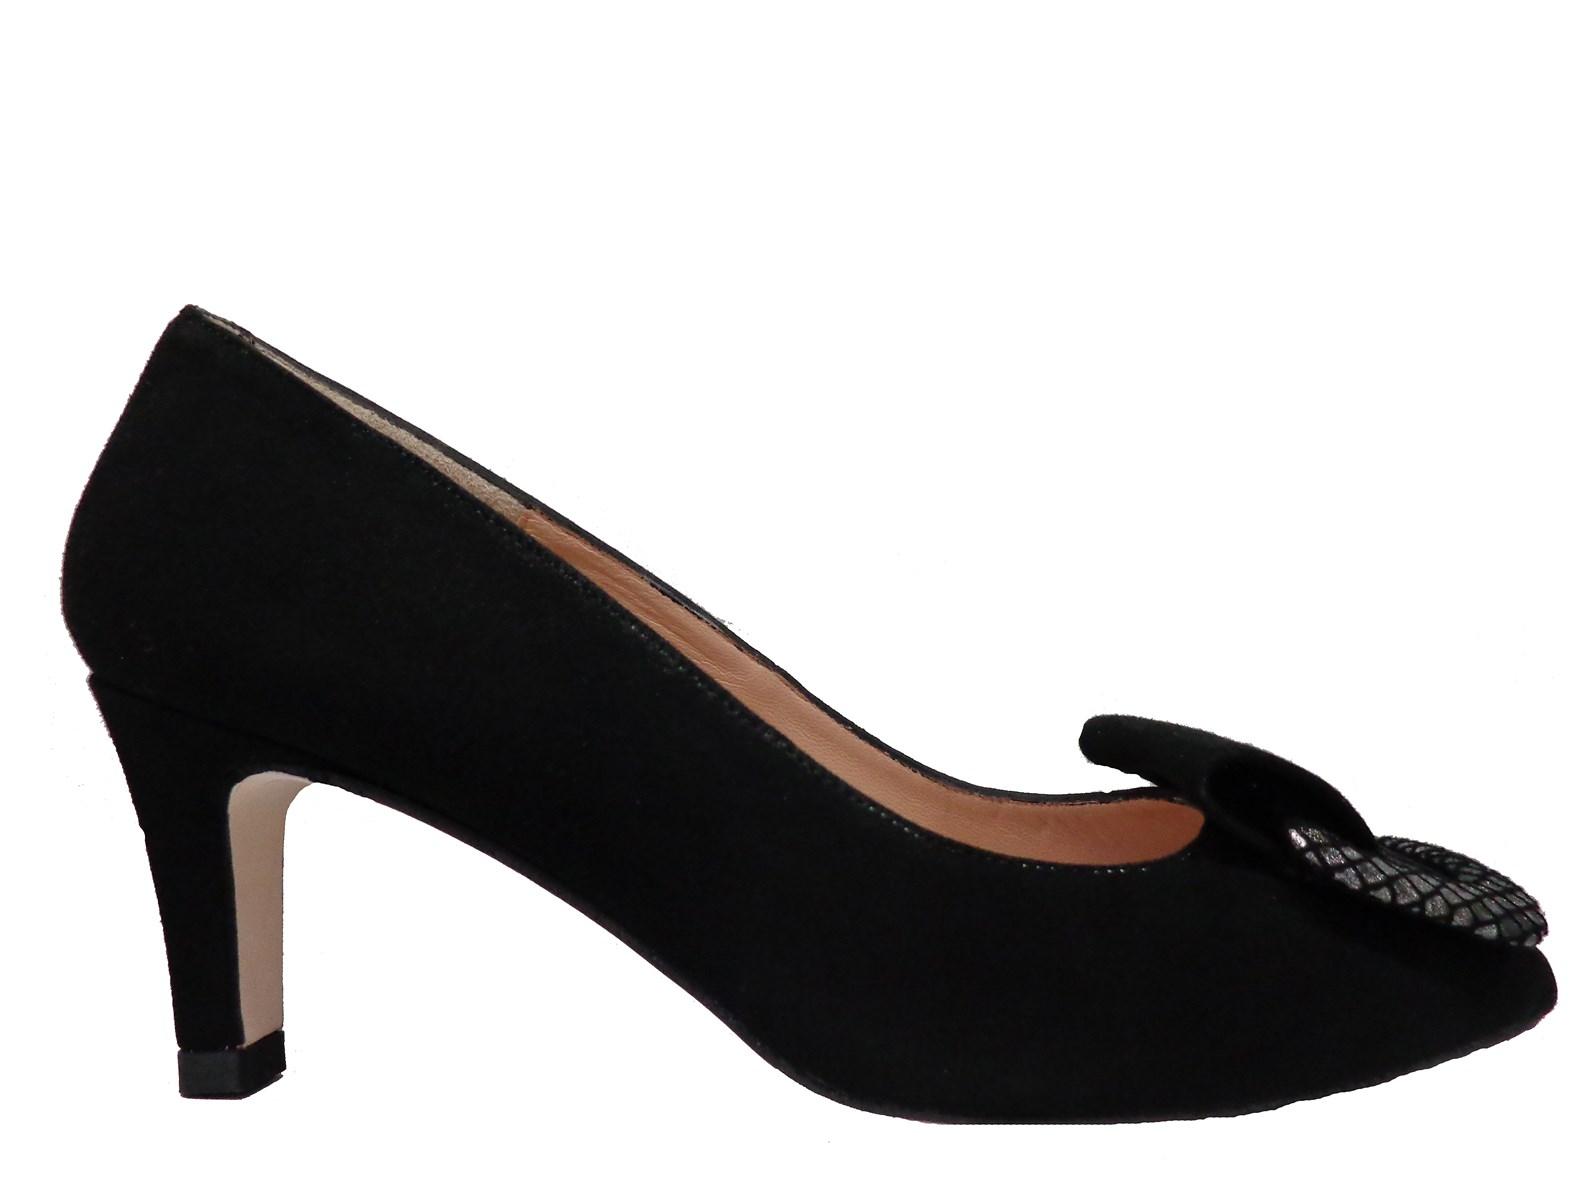 HB Justina Black Suede Mid Heel Court Shoe